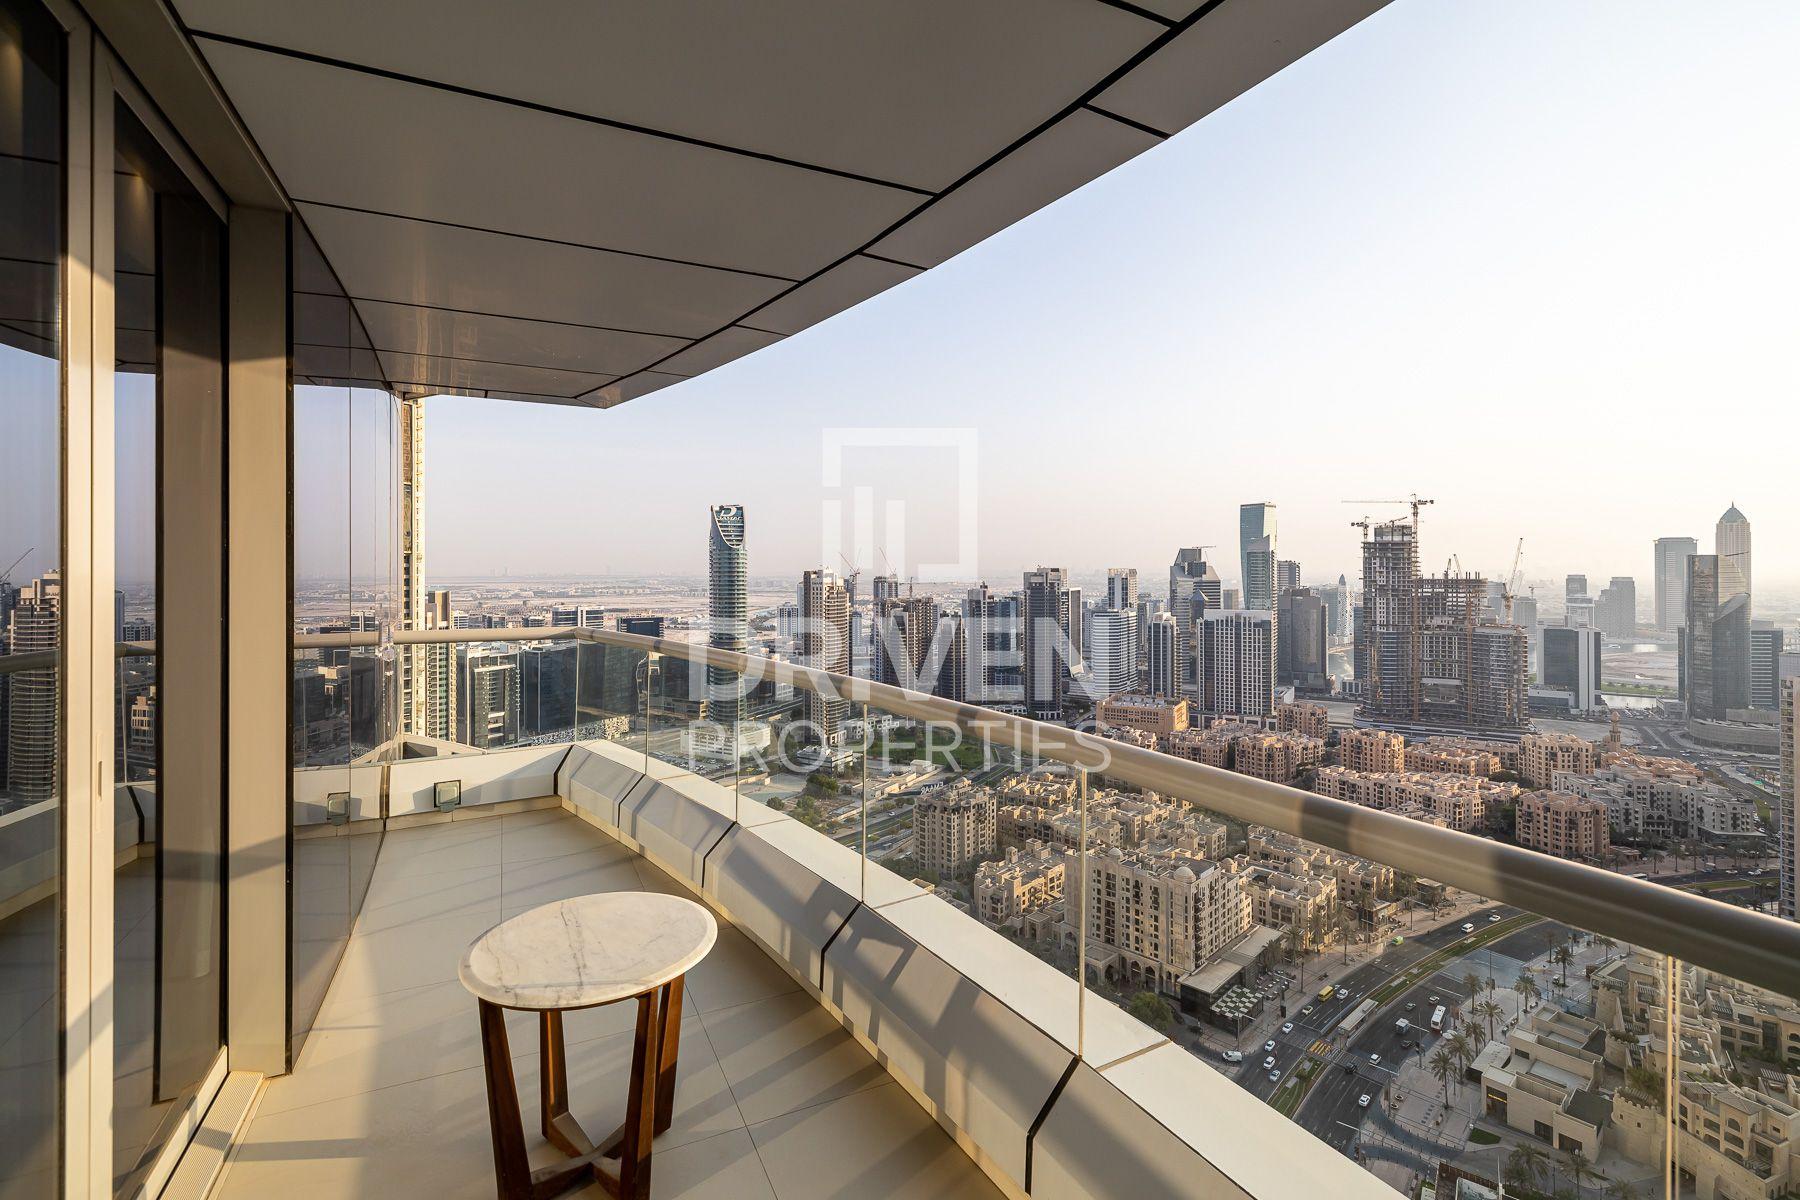 للبيع - شقة - فندق العنوان داونتاون - دبي وسط المدينة